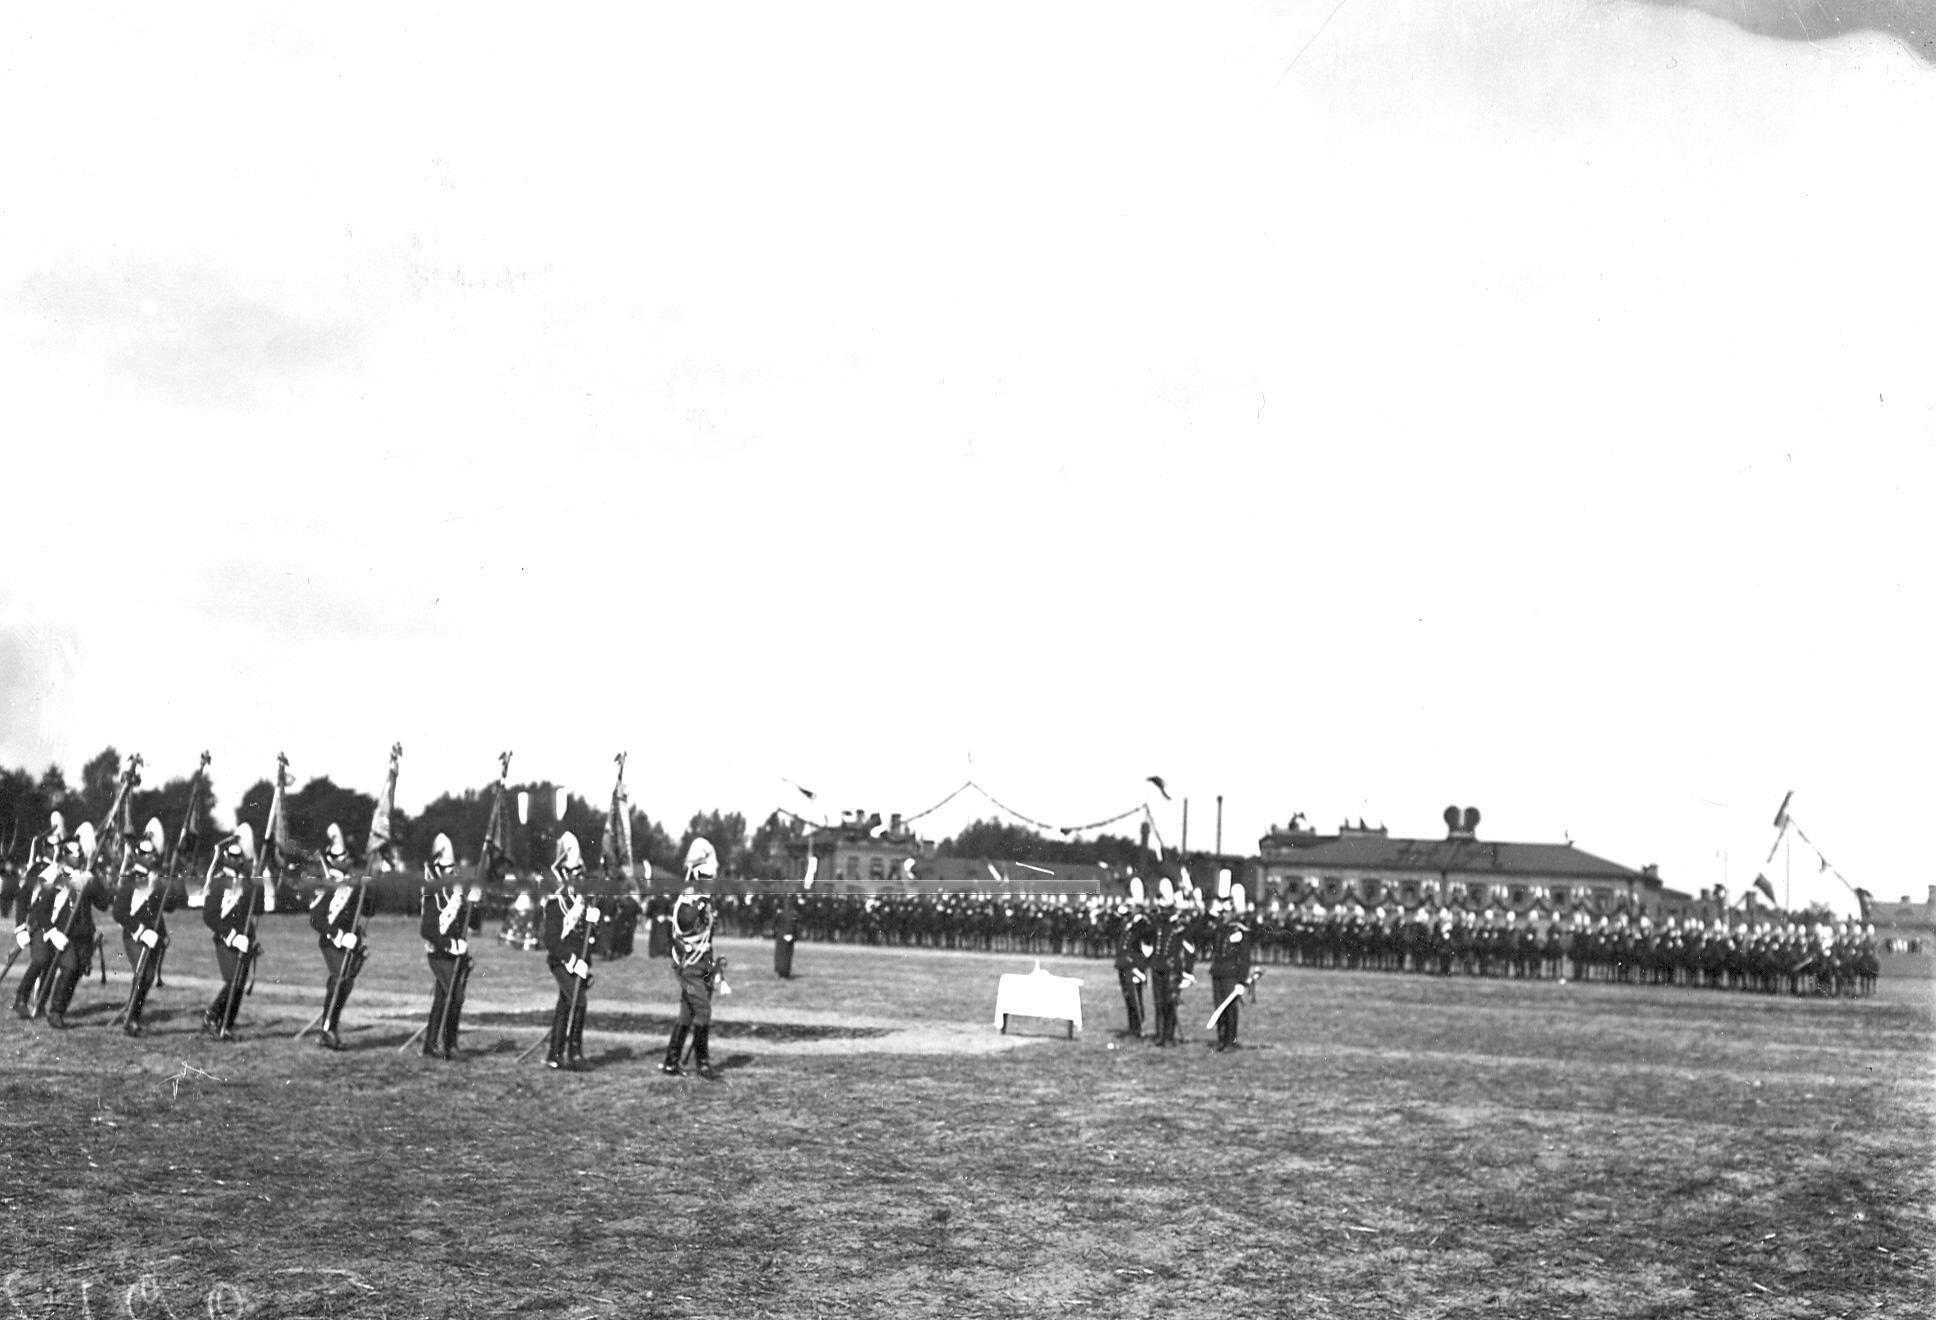 Освящение штандартов во время парада в день 250-летнего юбилея полка